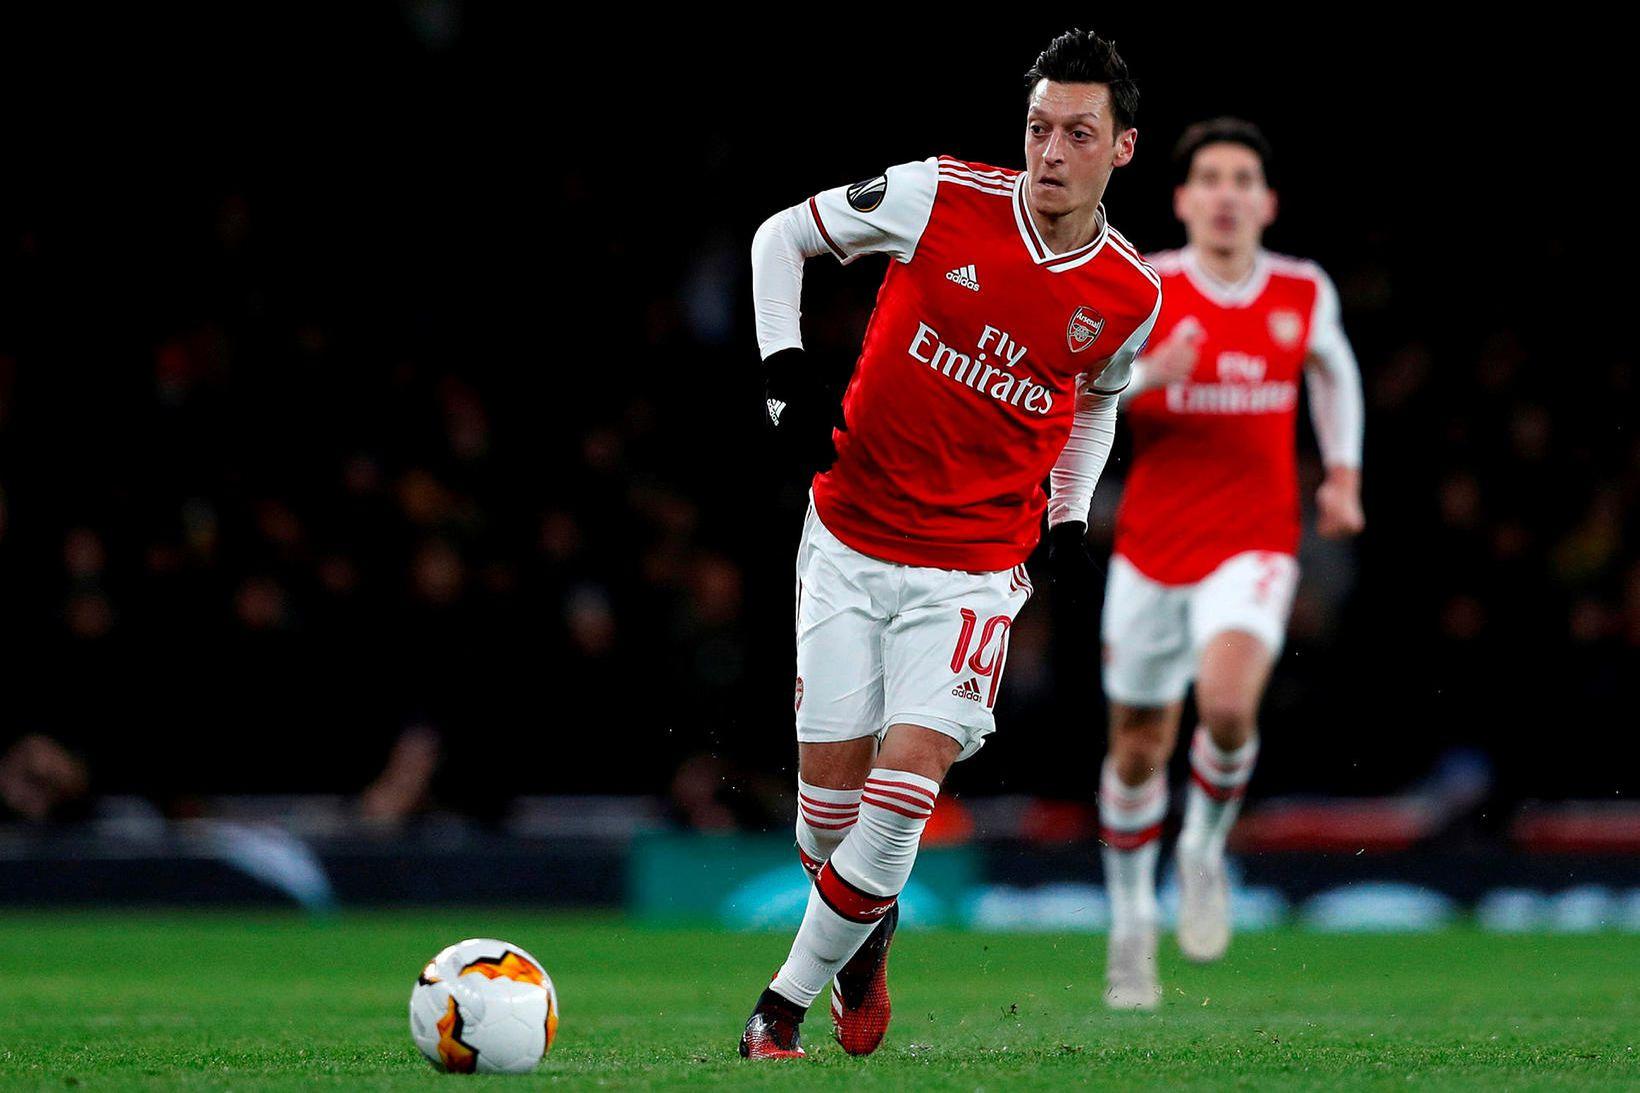 Mesut Özil gæti yfirgefið Arsenal fljótlega.